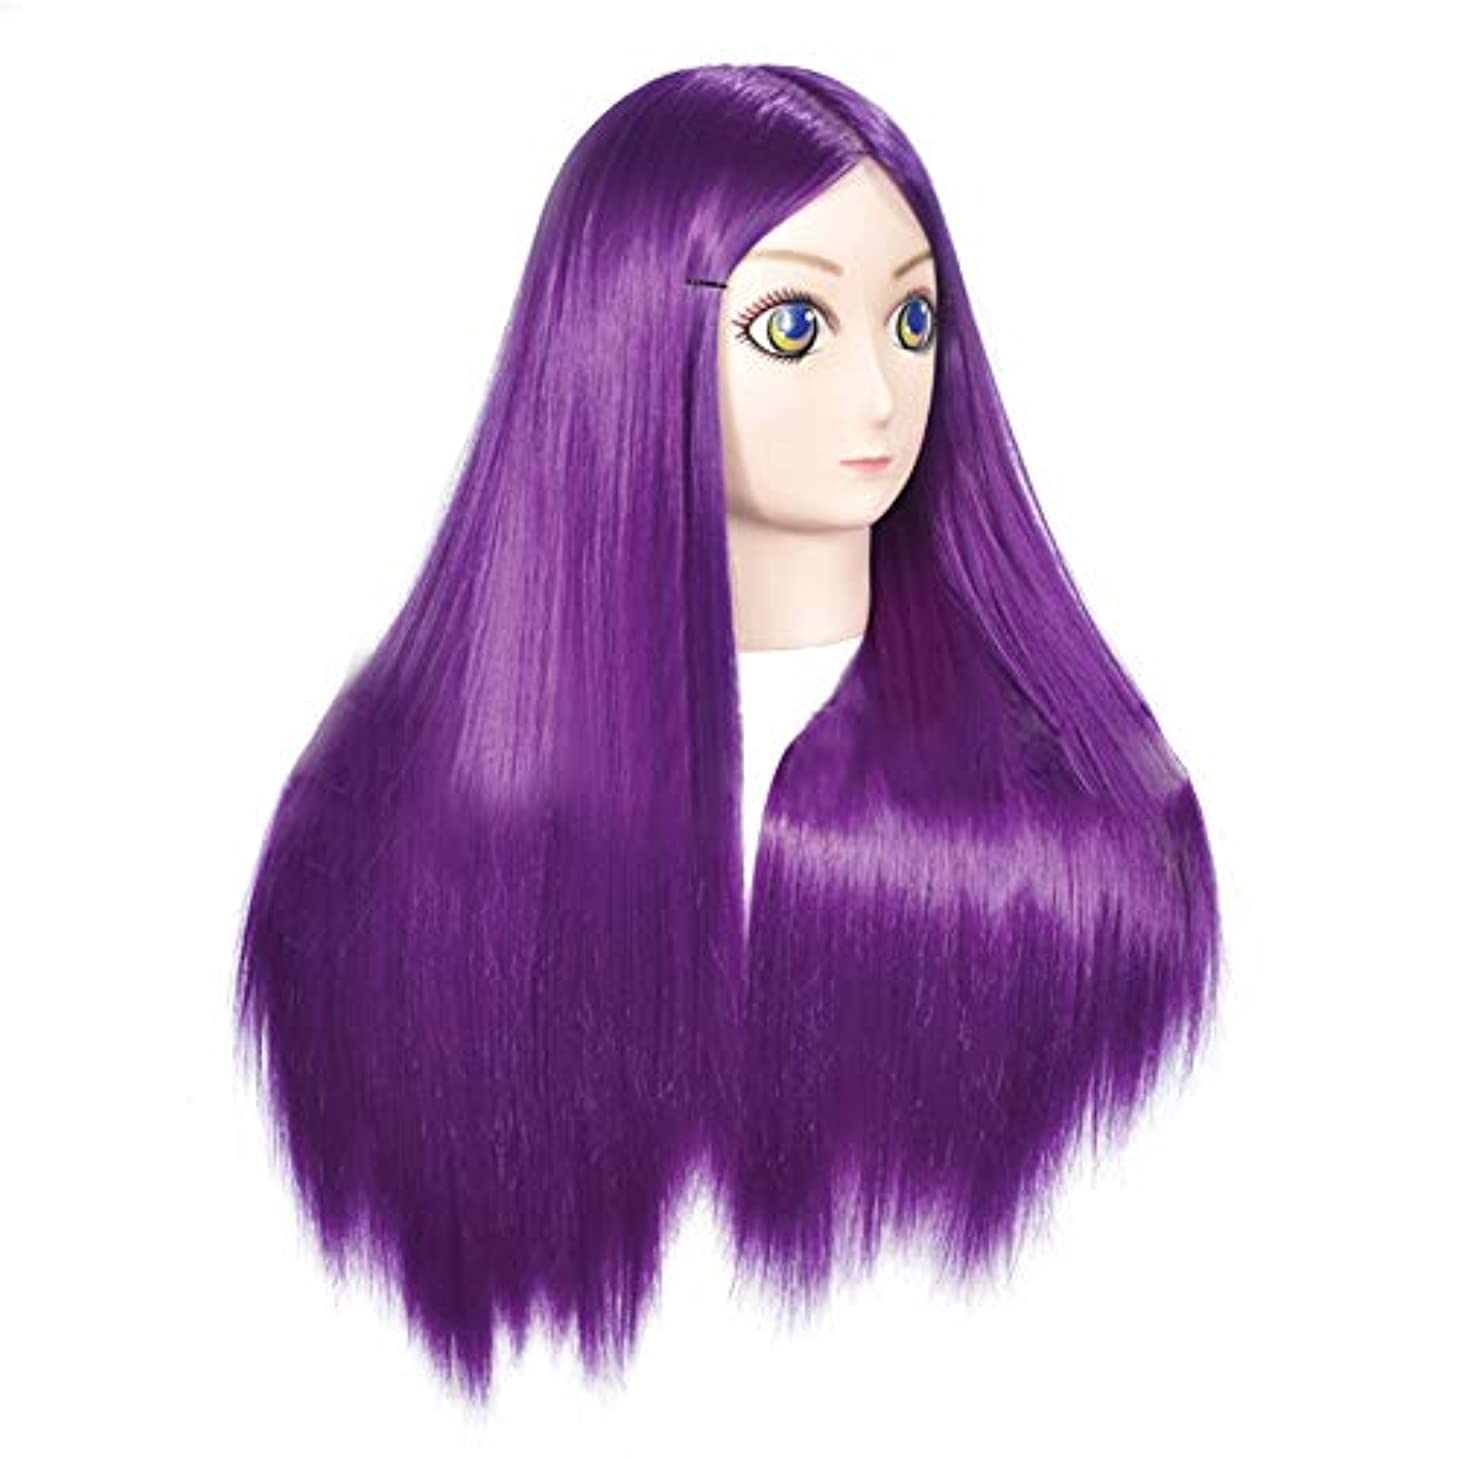 政治的同じ感じ高温シルクヘアスタイリングモデルヘッド女性モデルヘッドティーチングヘッド理髪店編組髪染め学習ダミーヘッド